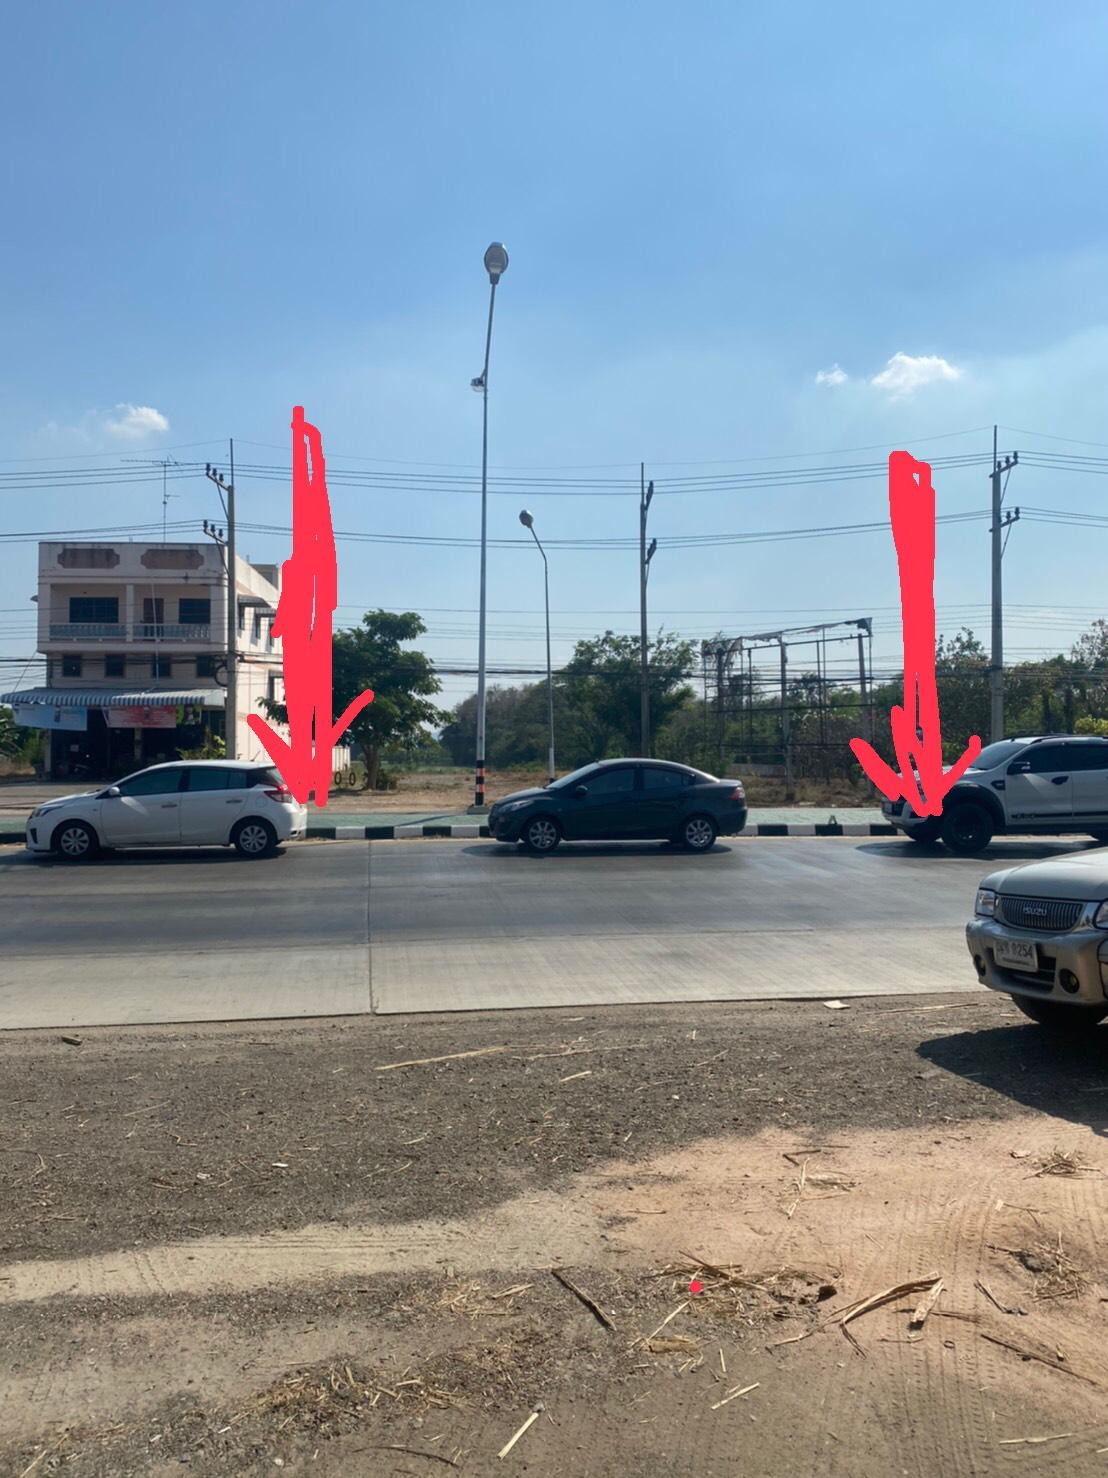 ขายที่ดิน  อยู่ติดถนนใหญ่ ท่าม่วง จังหวัด กาญจนบุรี สนใจรายละเอียดติดต่อ คุณสุธาภรณ์ 0899695117